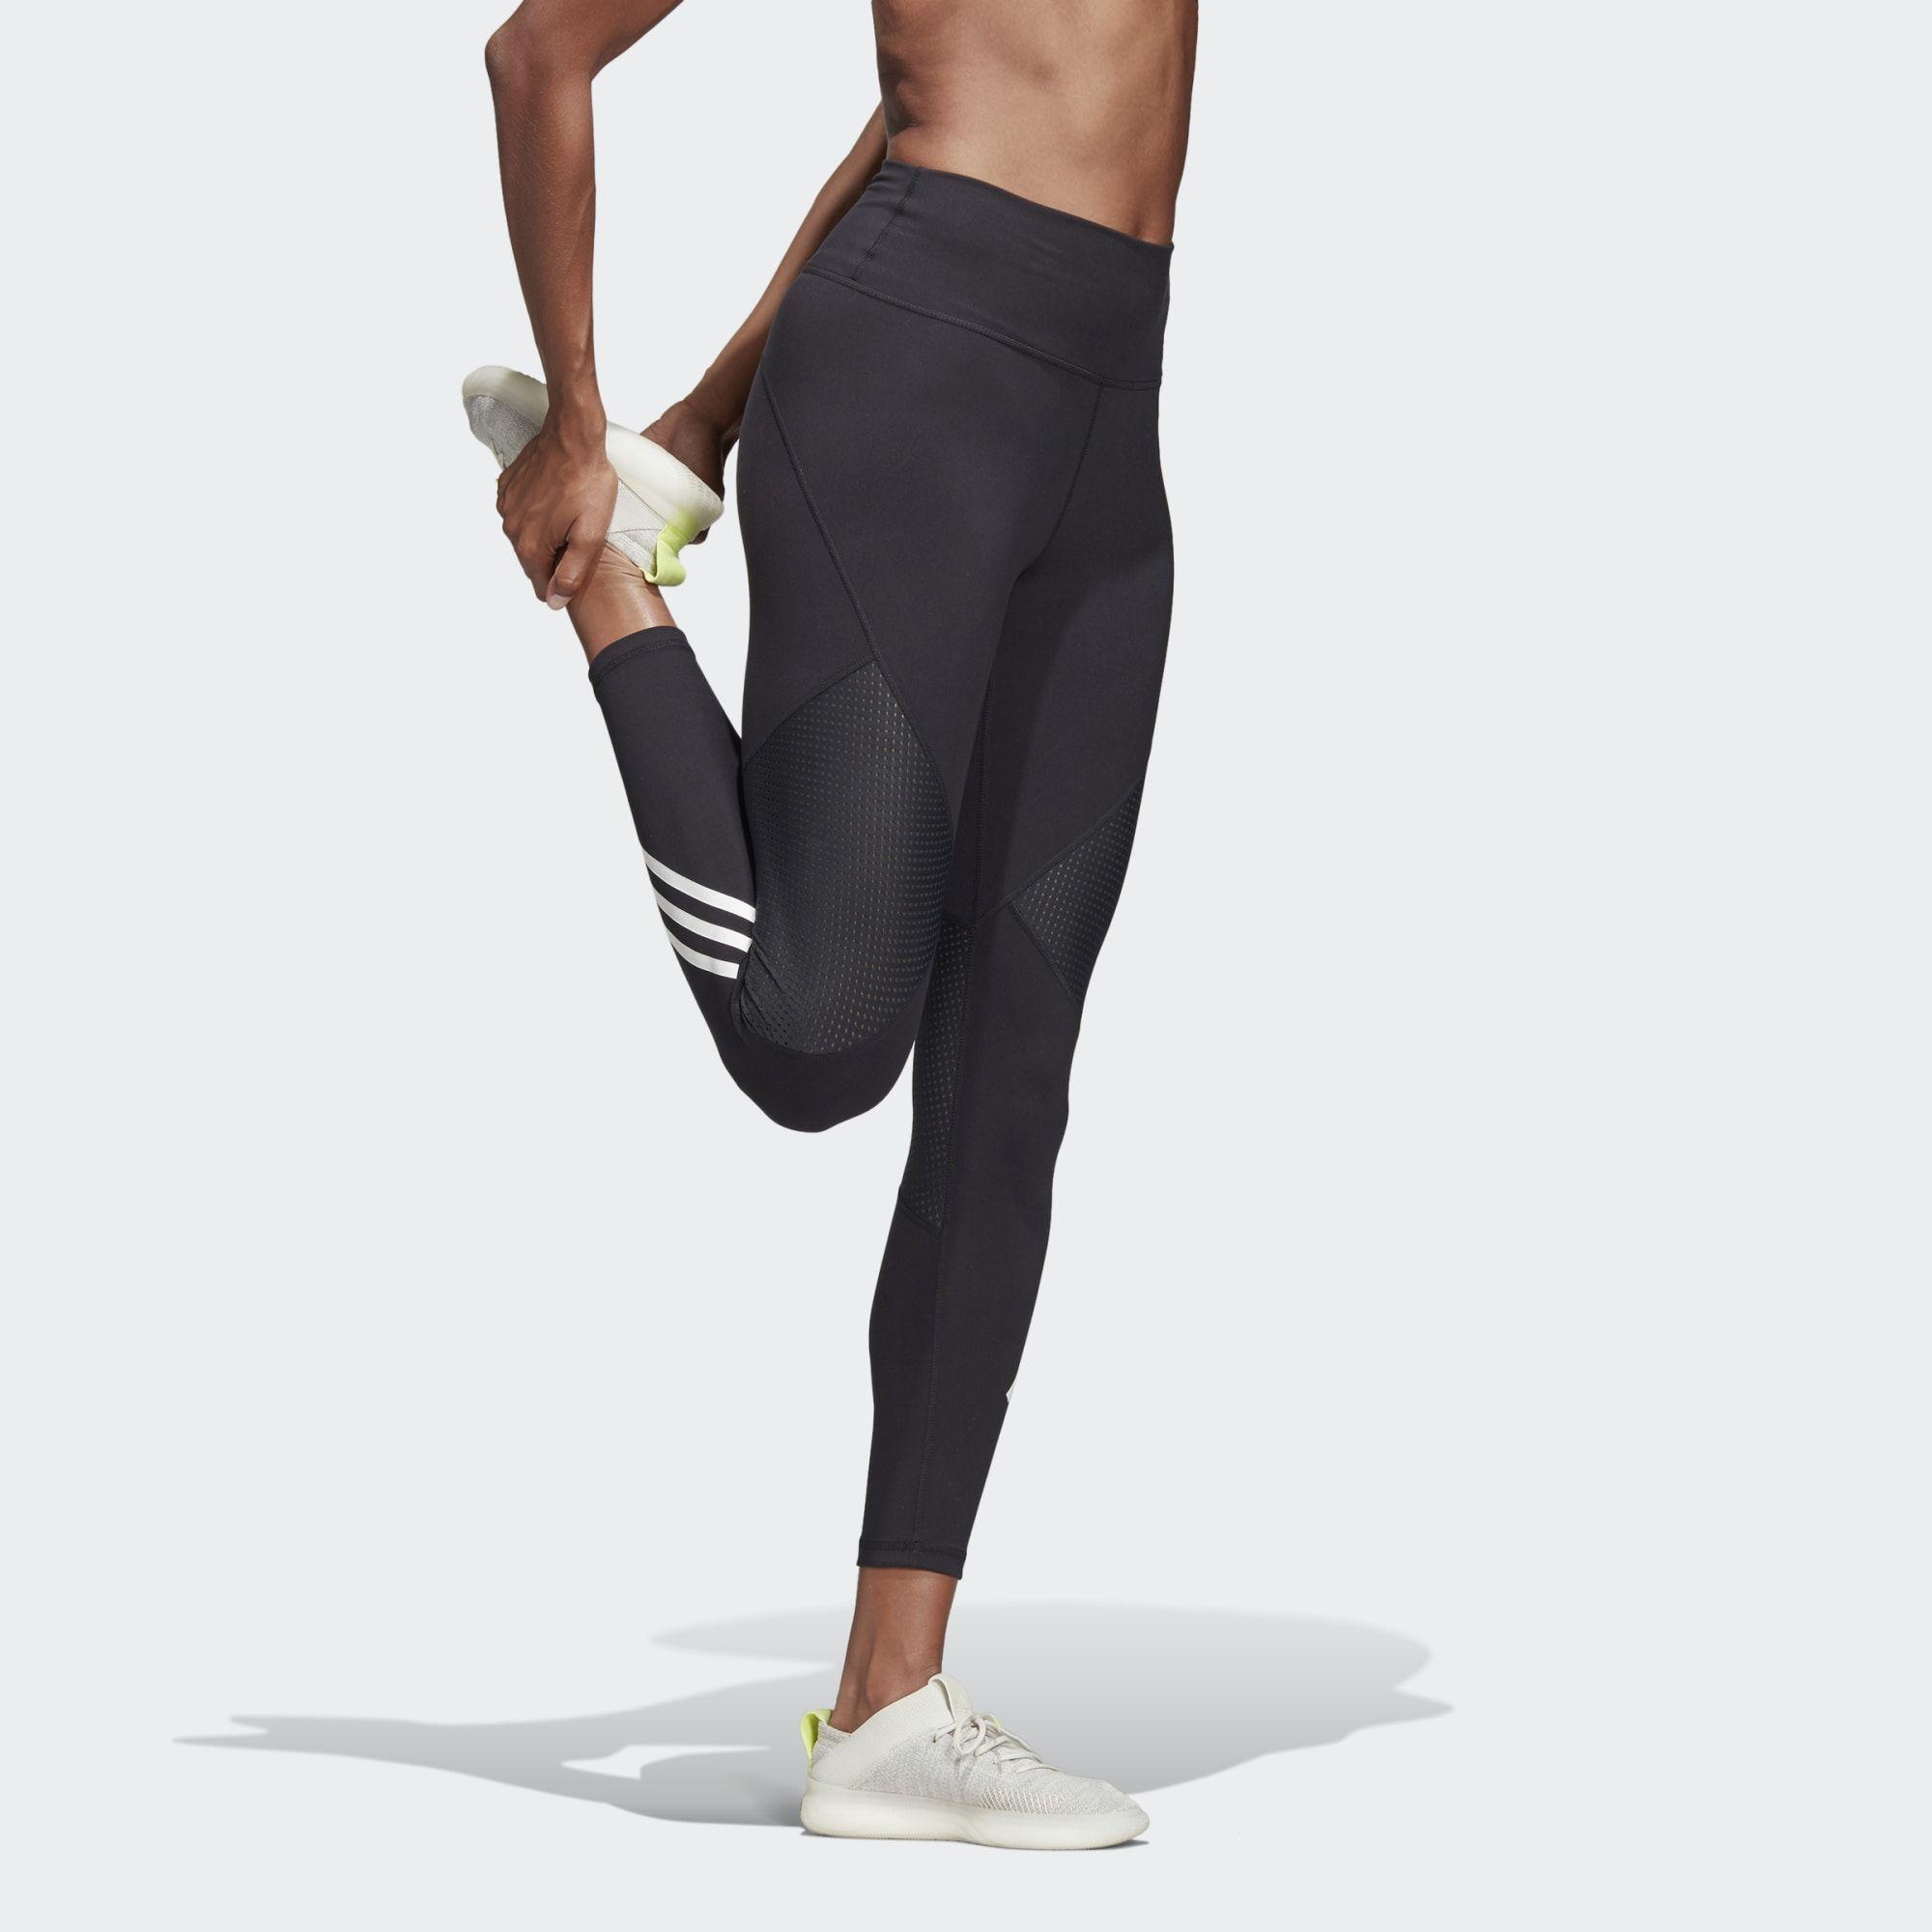 e9b8de3f5a9b0c adidas Believe This High Rise High-Rise 7/8 Tights - Black | adidas US